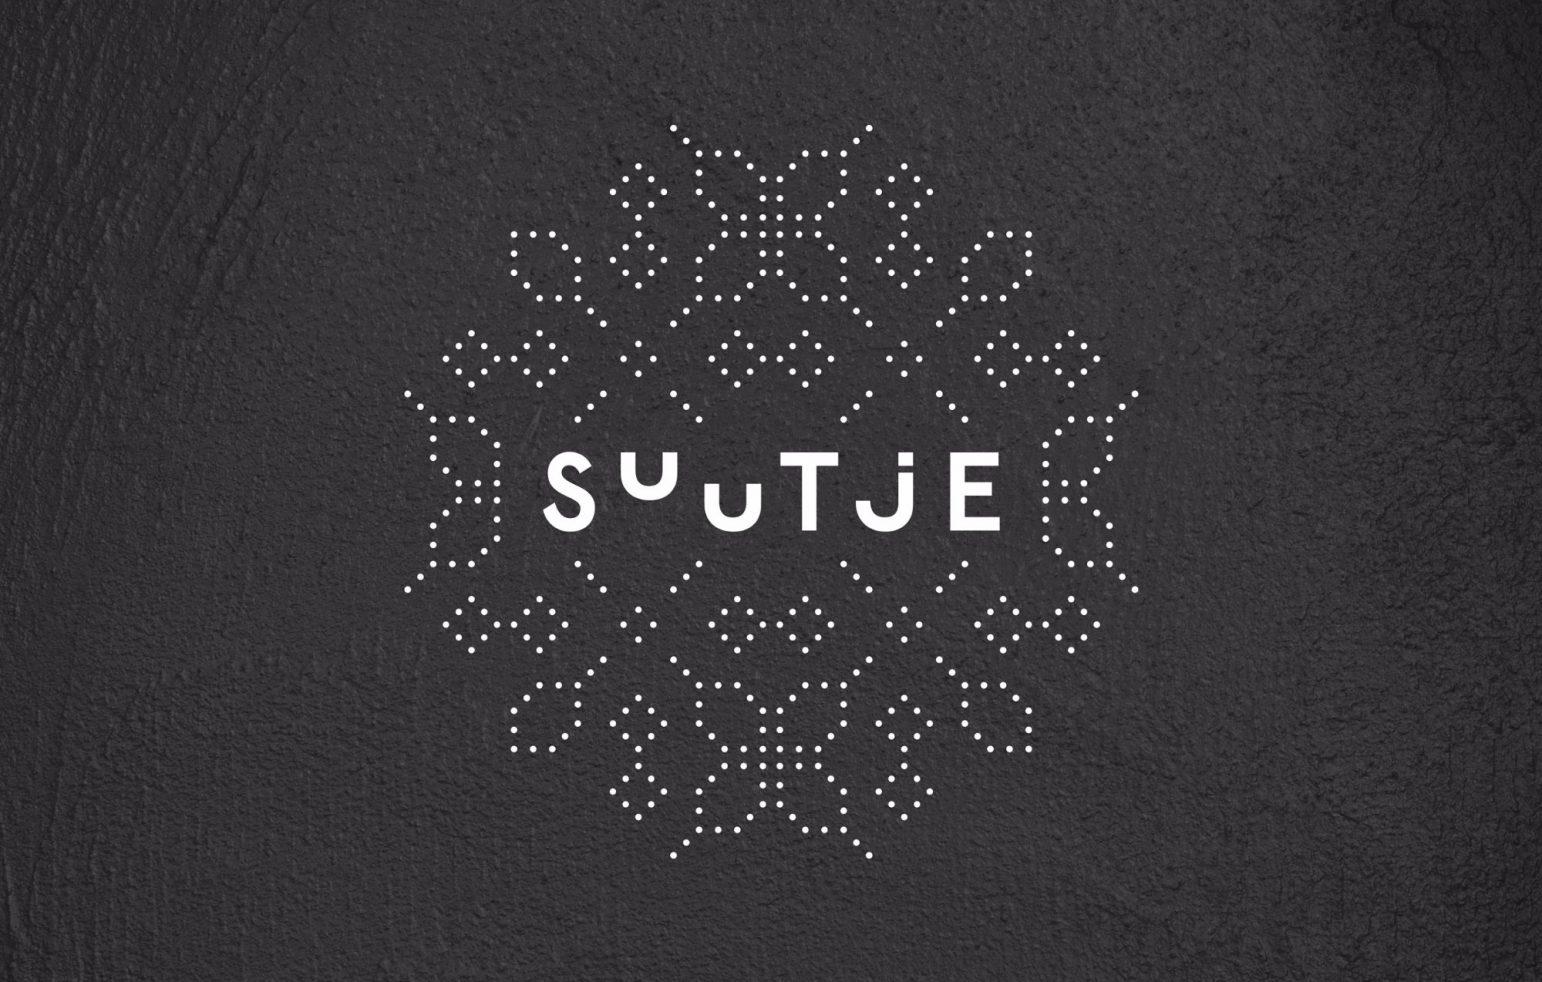 suutje-logo-bg-rasmusundchristin